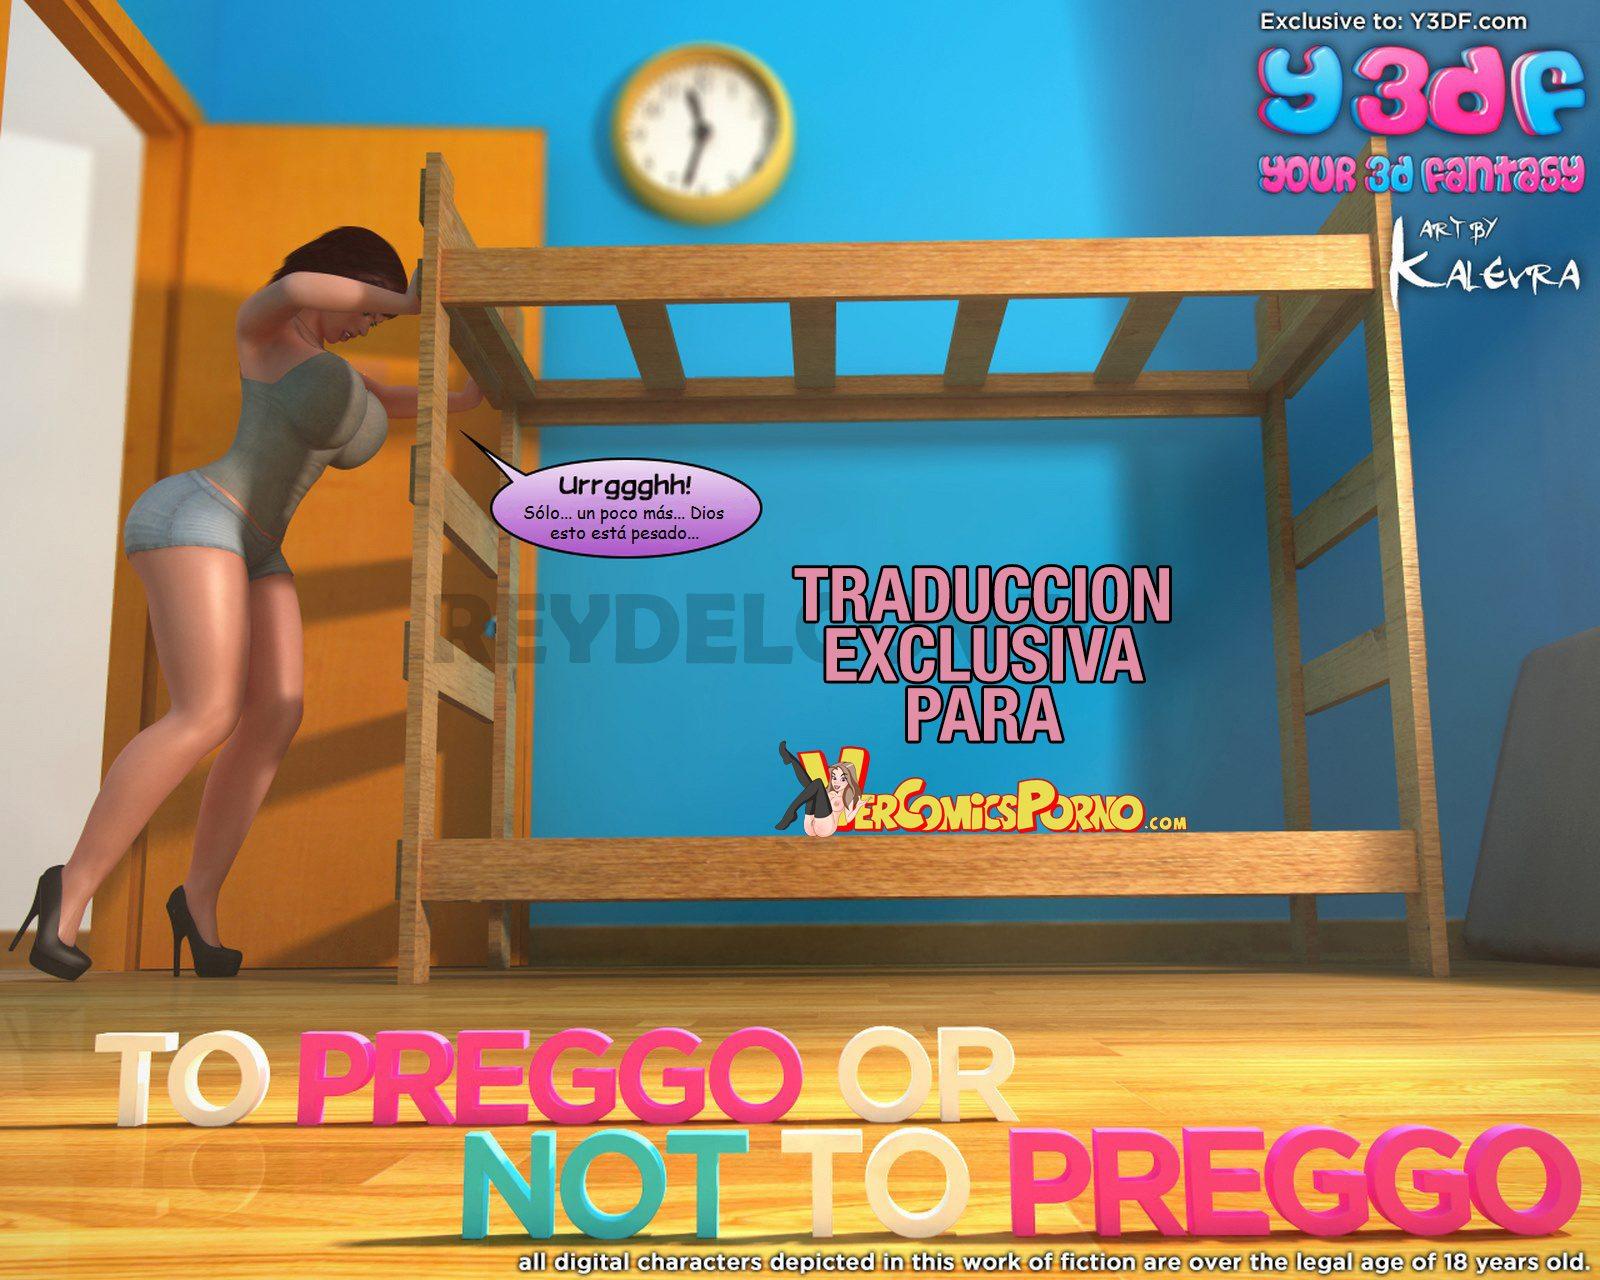 to-preggo-or-not-to-preggo-exclusivo 1